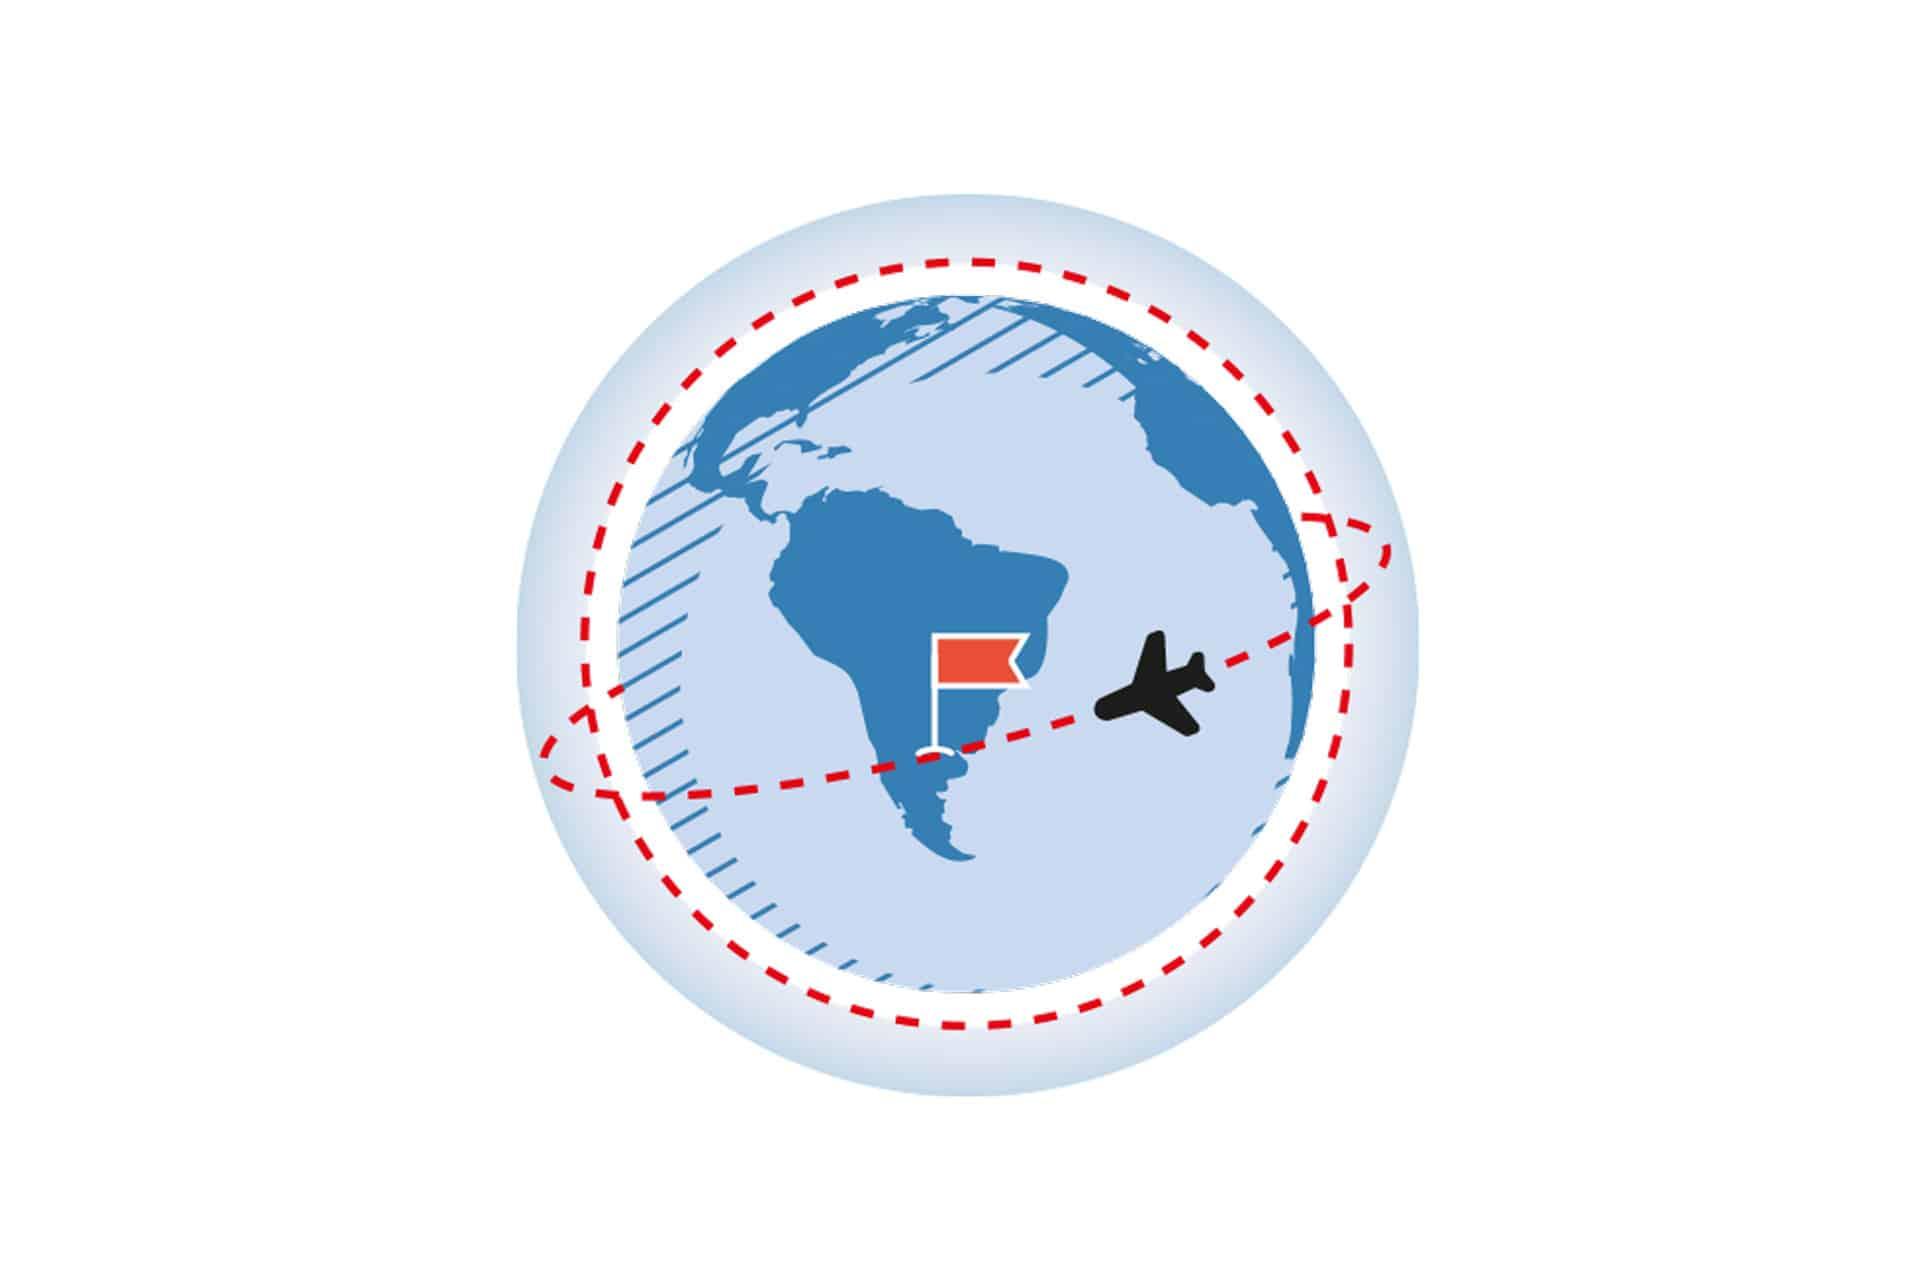 Weltkugel: Flugzeug fliegt Argentinien an